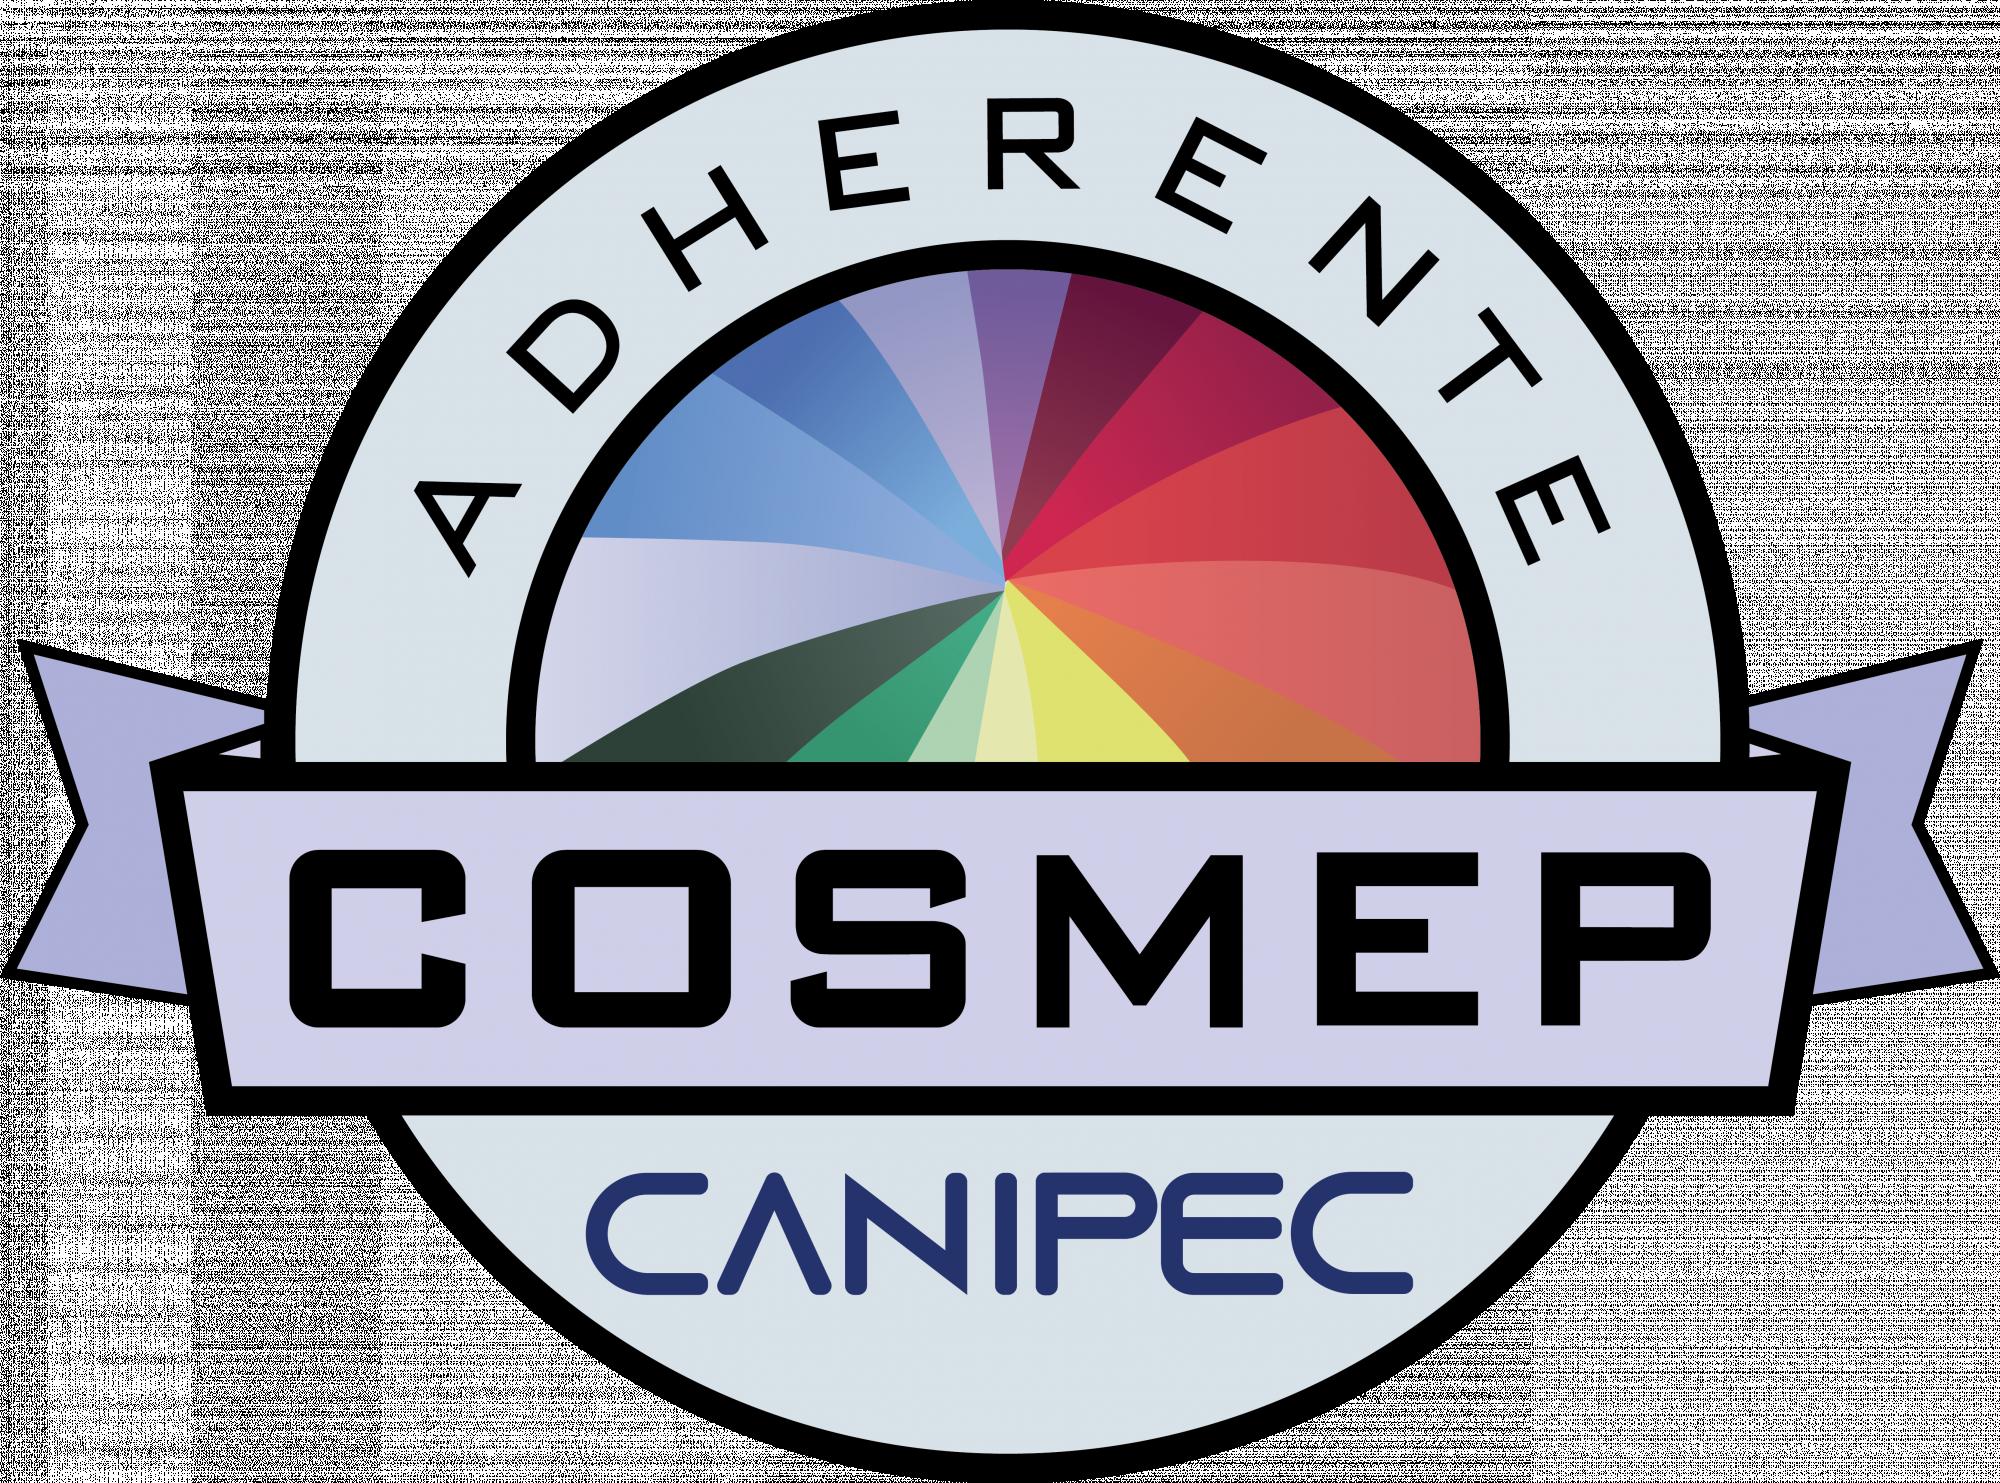 logo distintivo cosmep colores